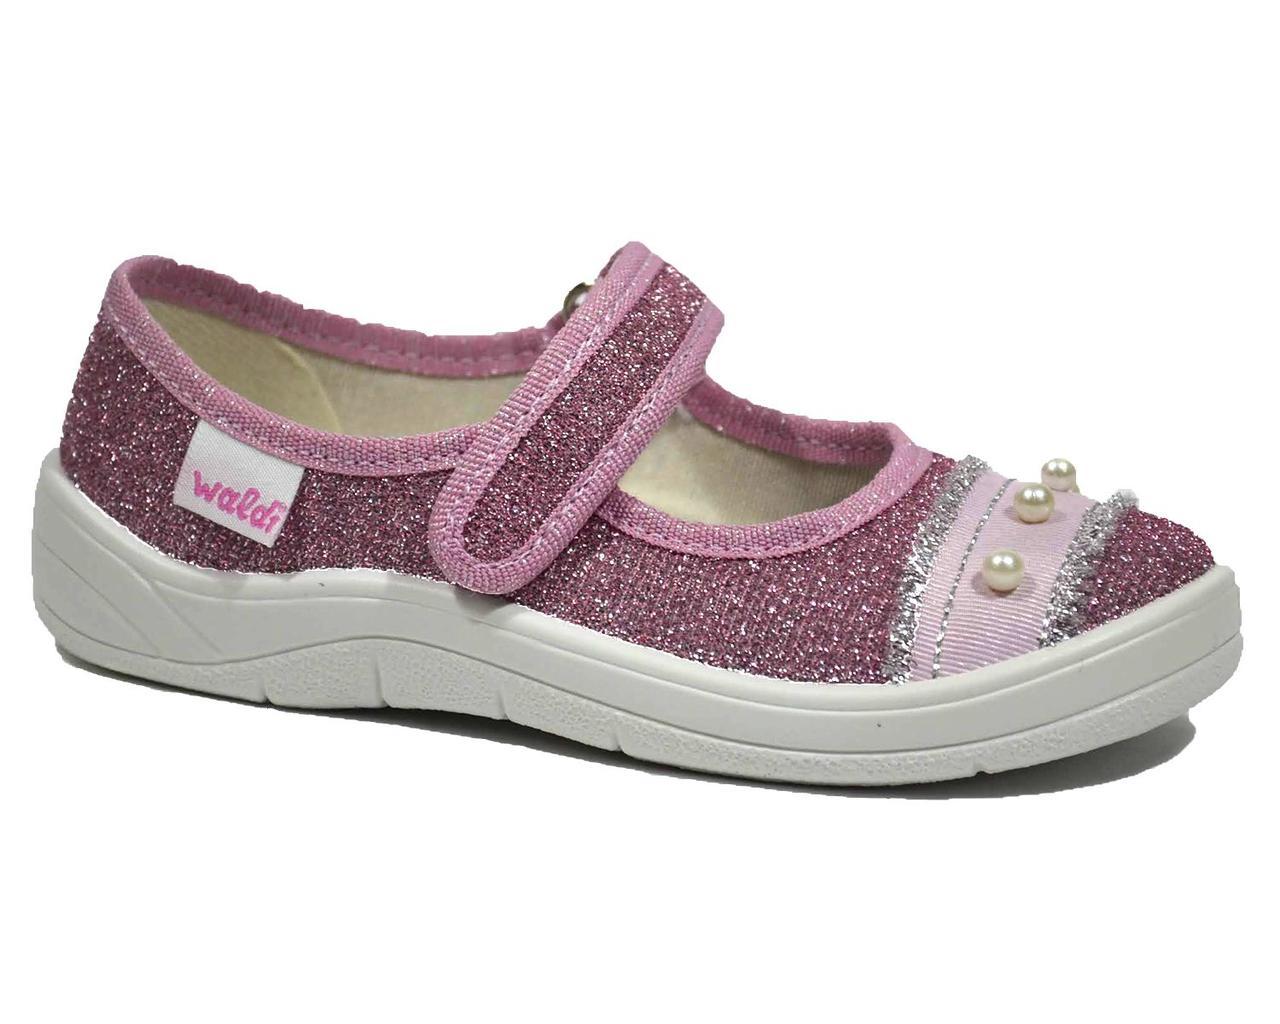 e2f75d3d8 Тапочки детские для девочки розовые WALDI р. 24. 25, цена 250 грн ...